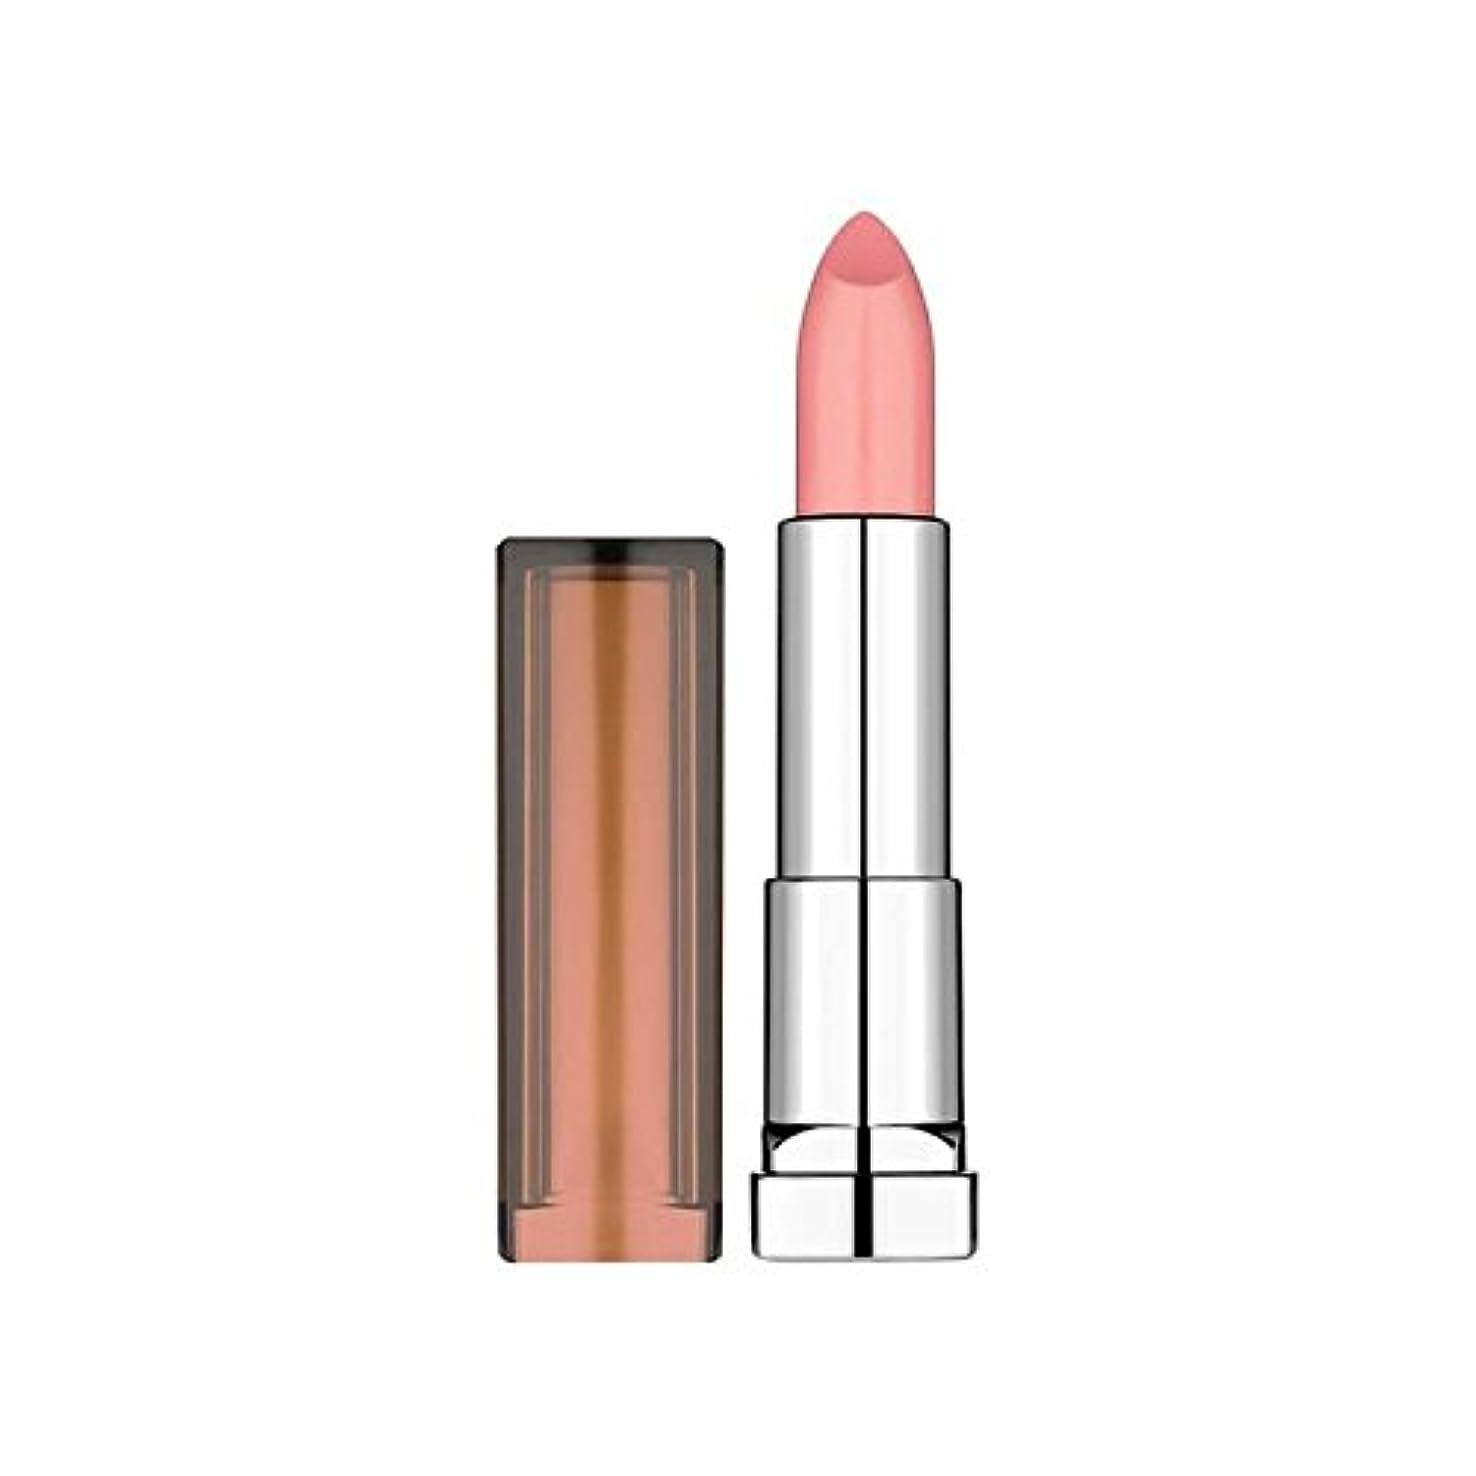 教会安心ディベートMaybelline Color Sensational Nudes Lipstick 207 Pink Fling - メイベリンカラーセンセーショナルなヌードは207ピンクの情事口紅 [並行輸入品]